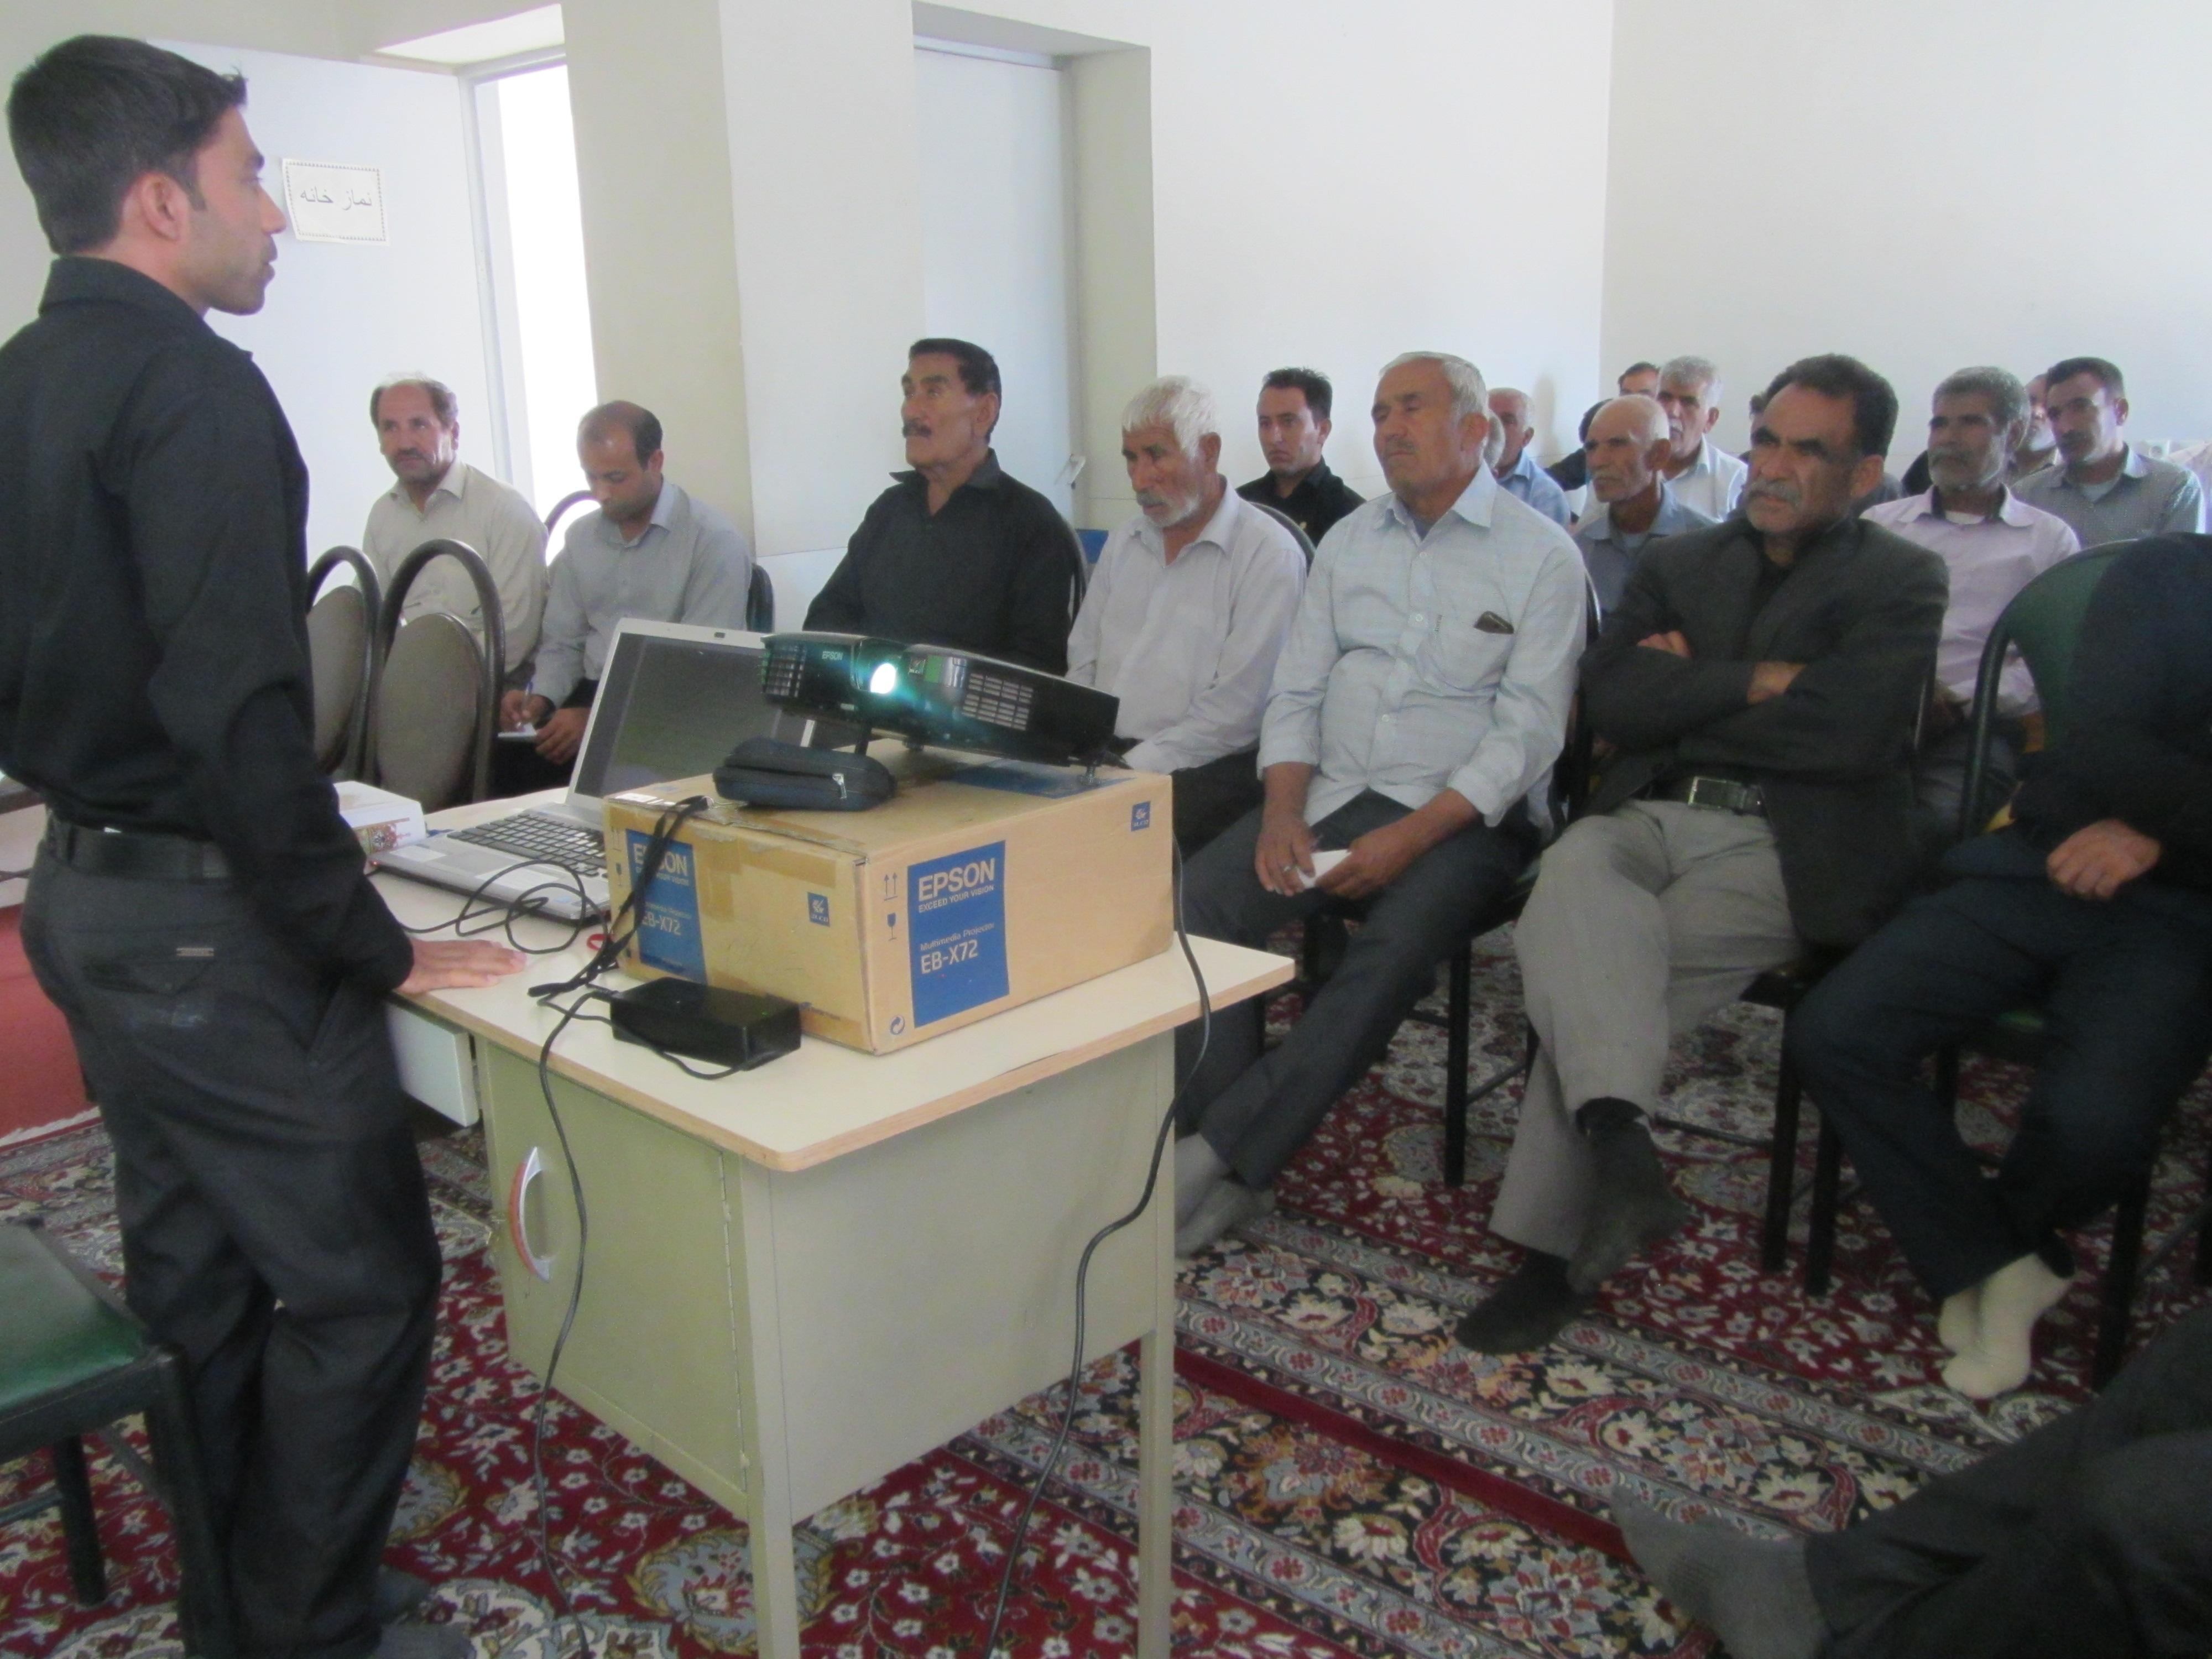 کارگاه آموزش پدافند غیرعامل در مرکز خدمات جهادکشاورزی فورگ برگزار شد